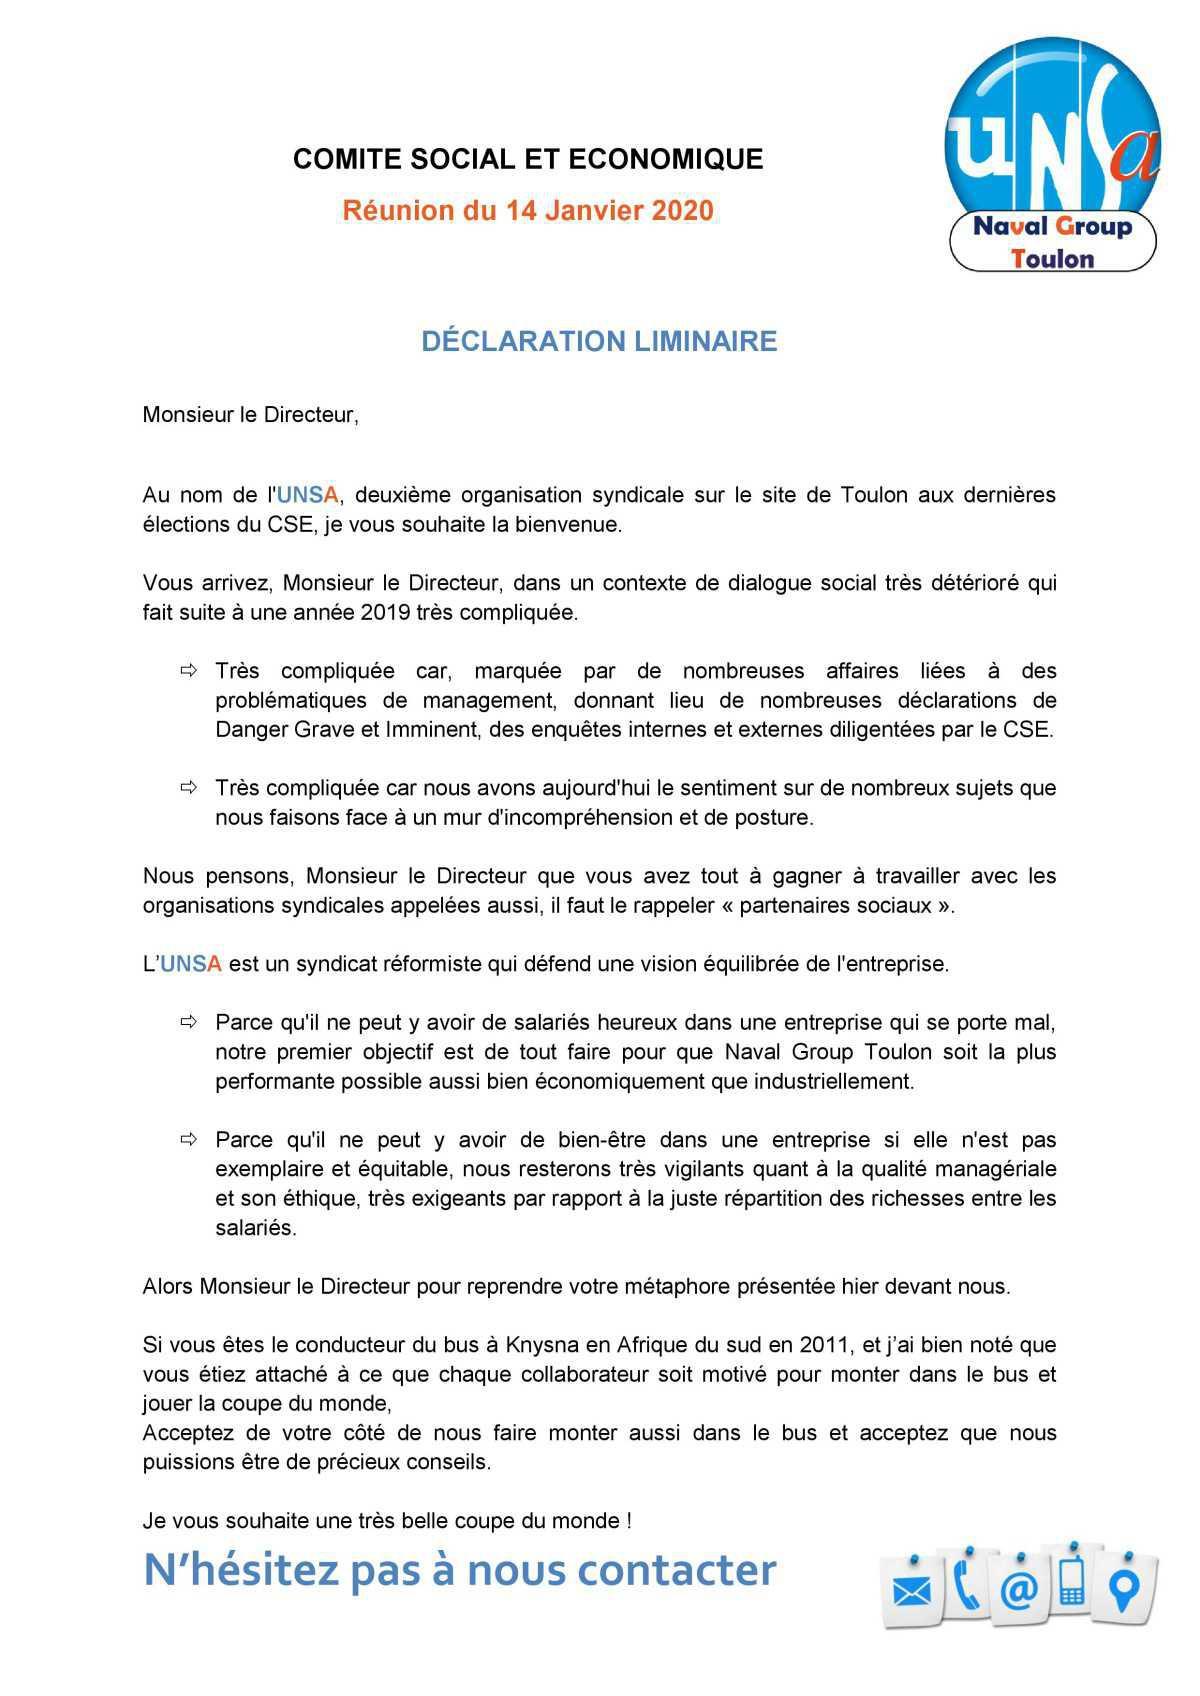 Réunion du 14 janvier 2020 - Déclaration Liminaire